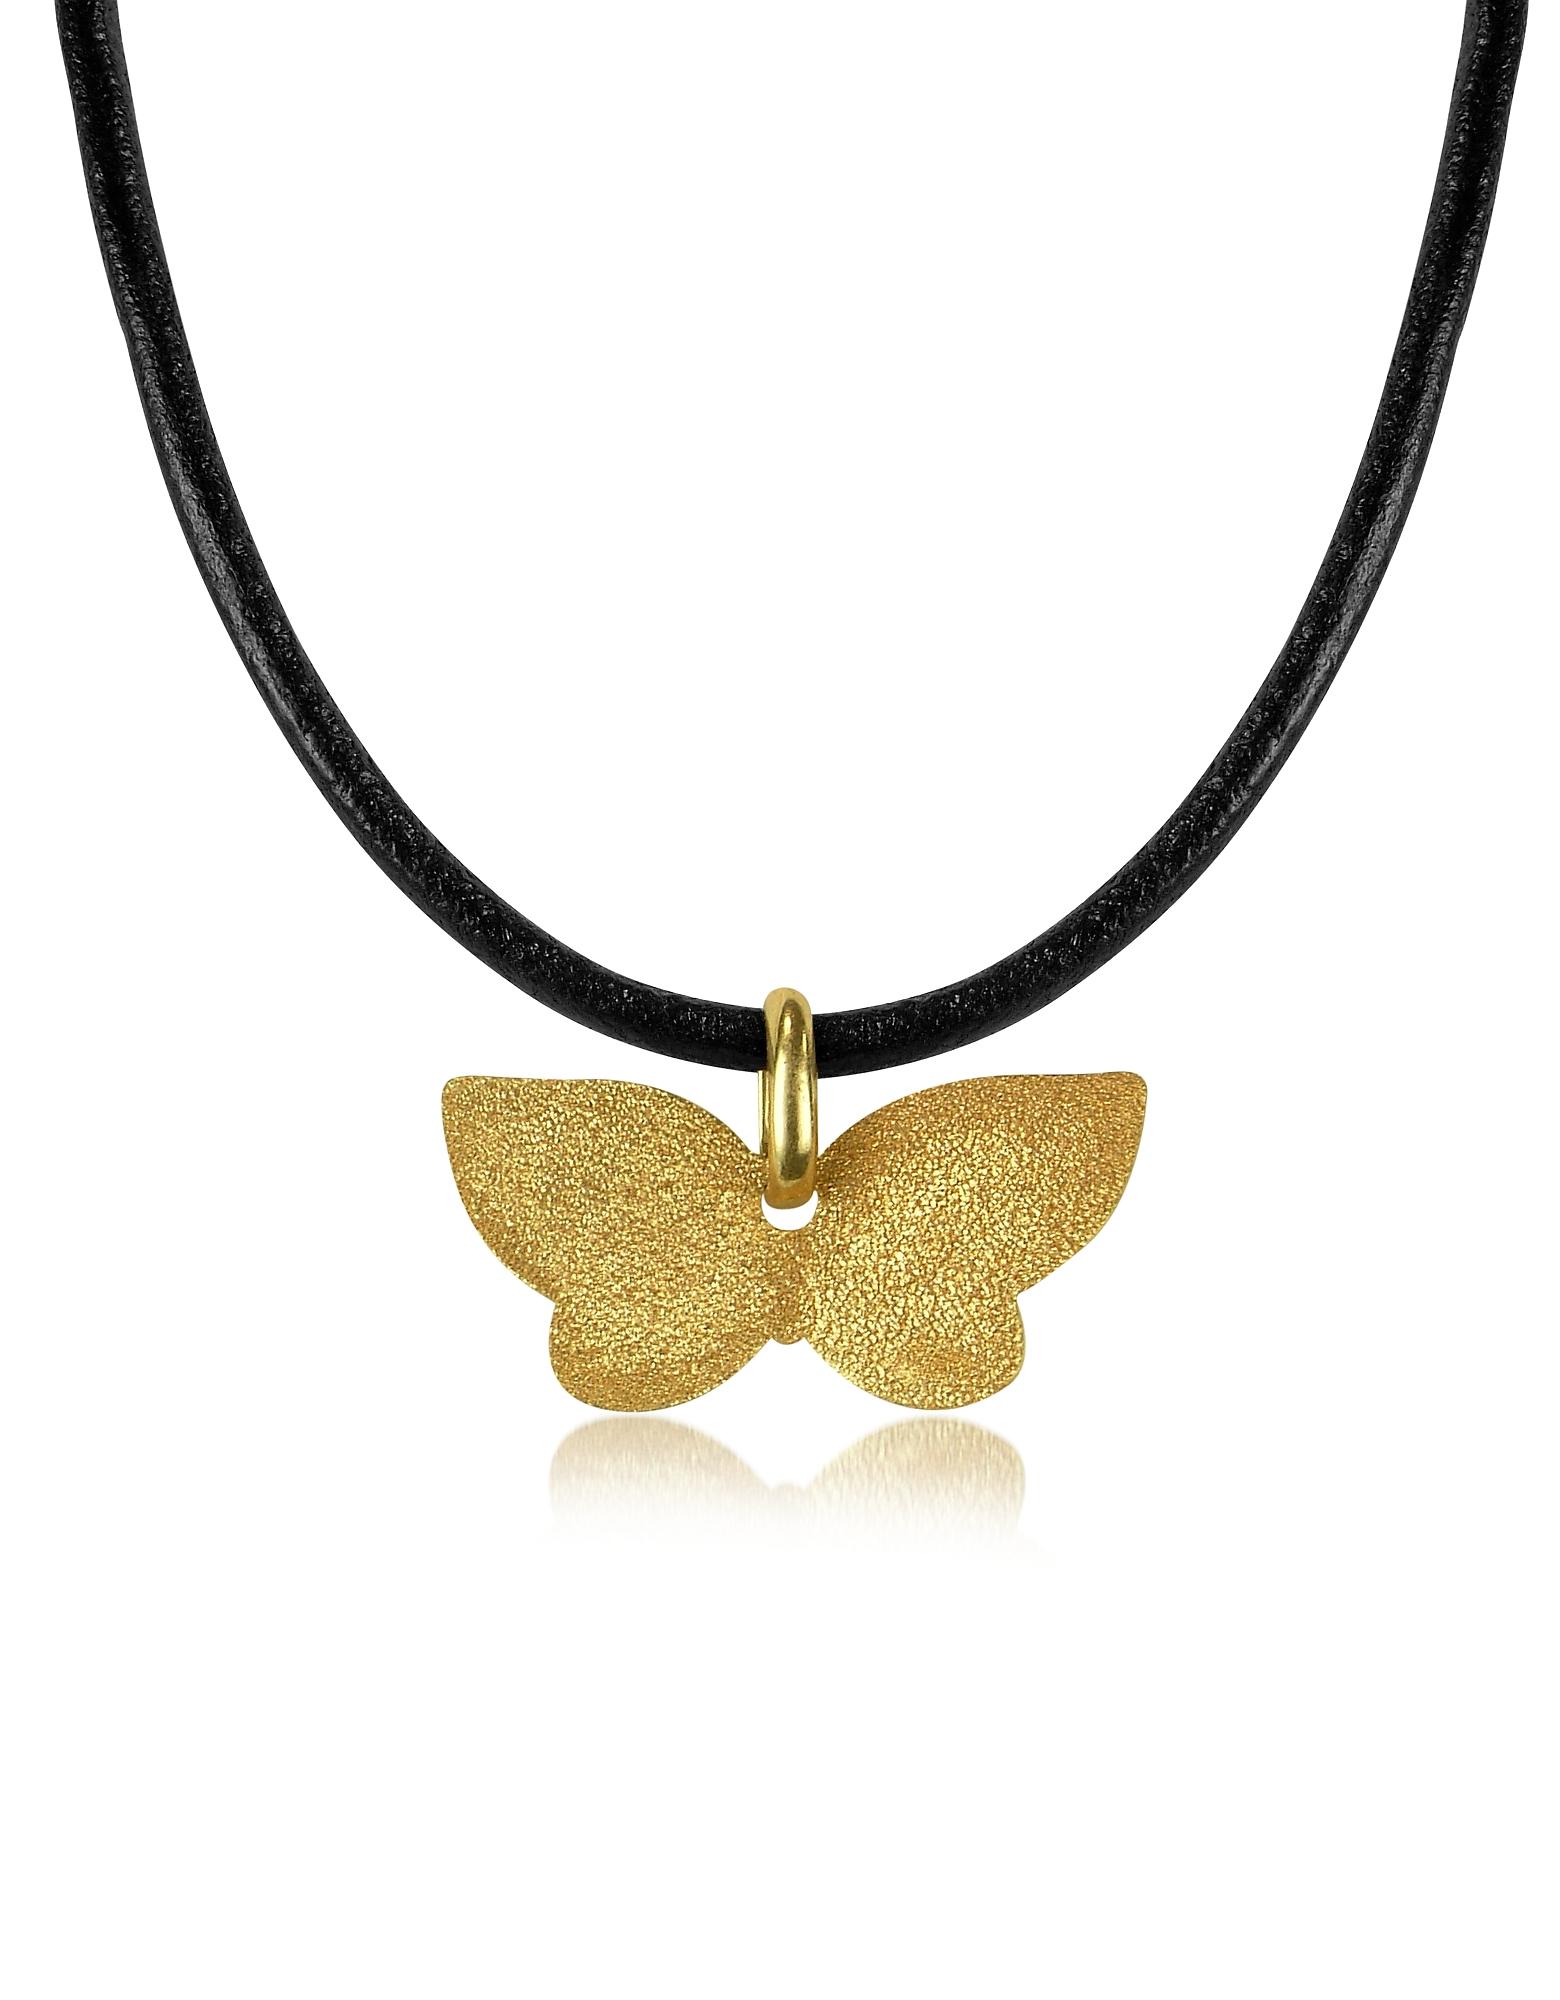 Золотистая Точеная Подвеска-Бабочка из Серебра на Кожаном Шнурке